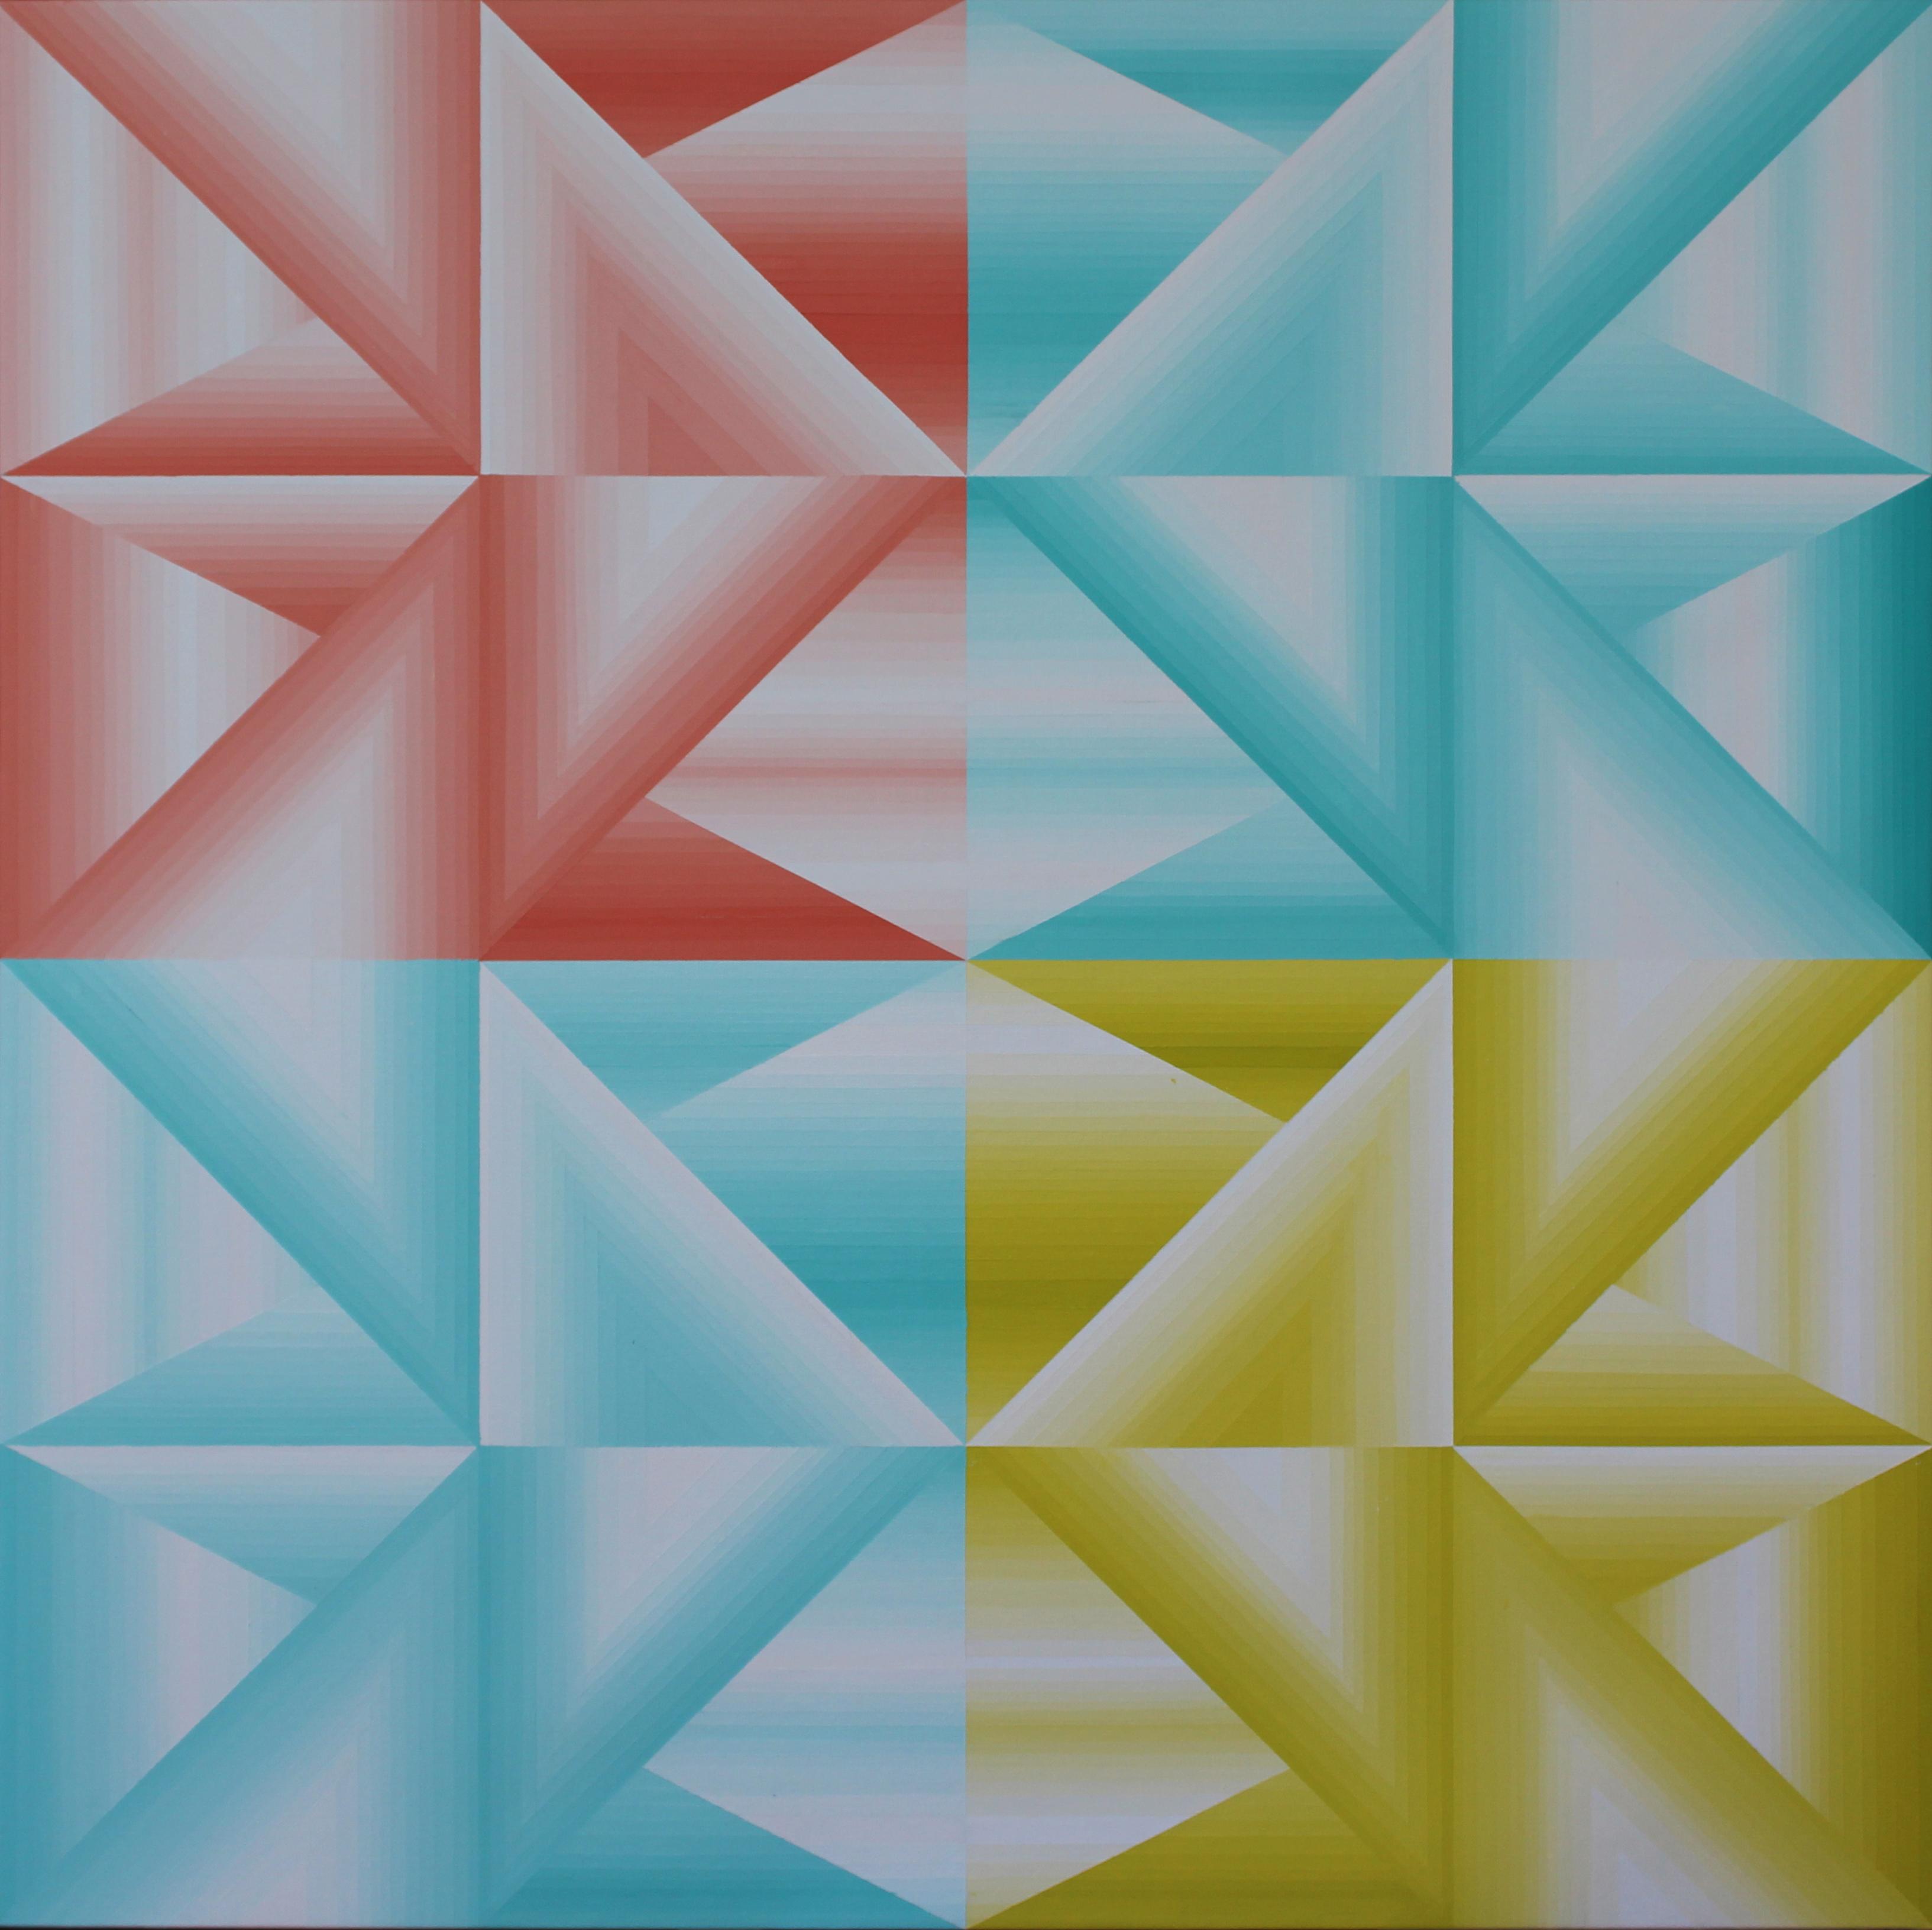 Structure chromatique 1 - Acrylique sur toile 100X100 cm